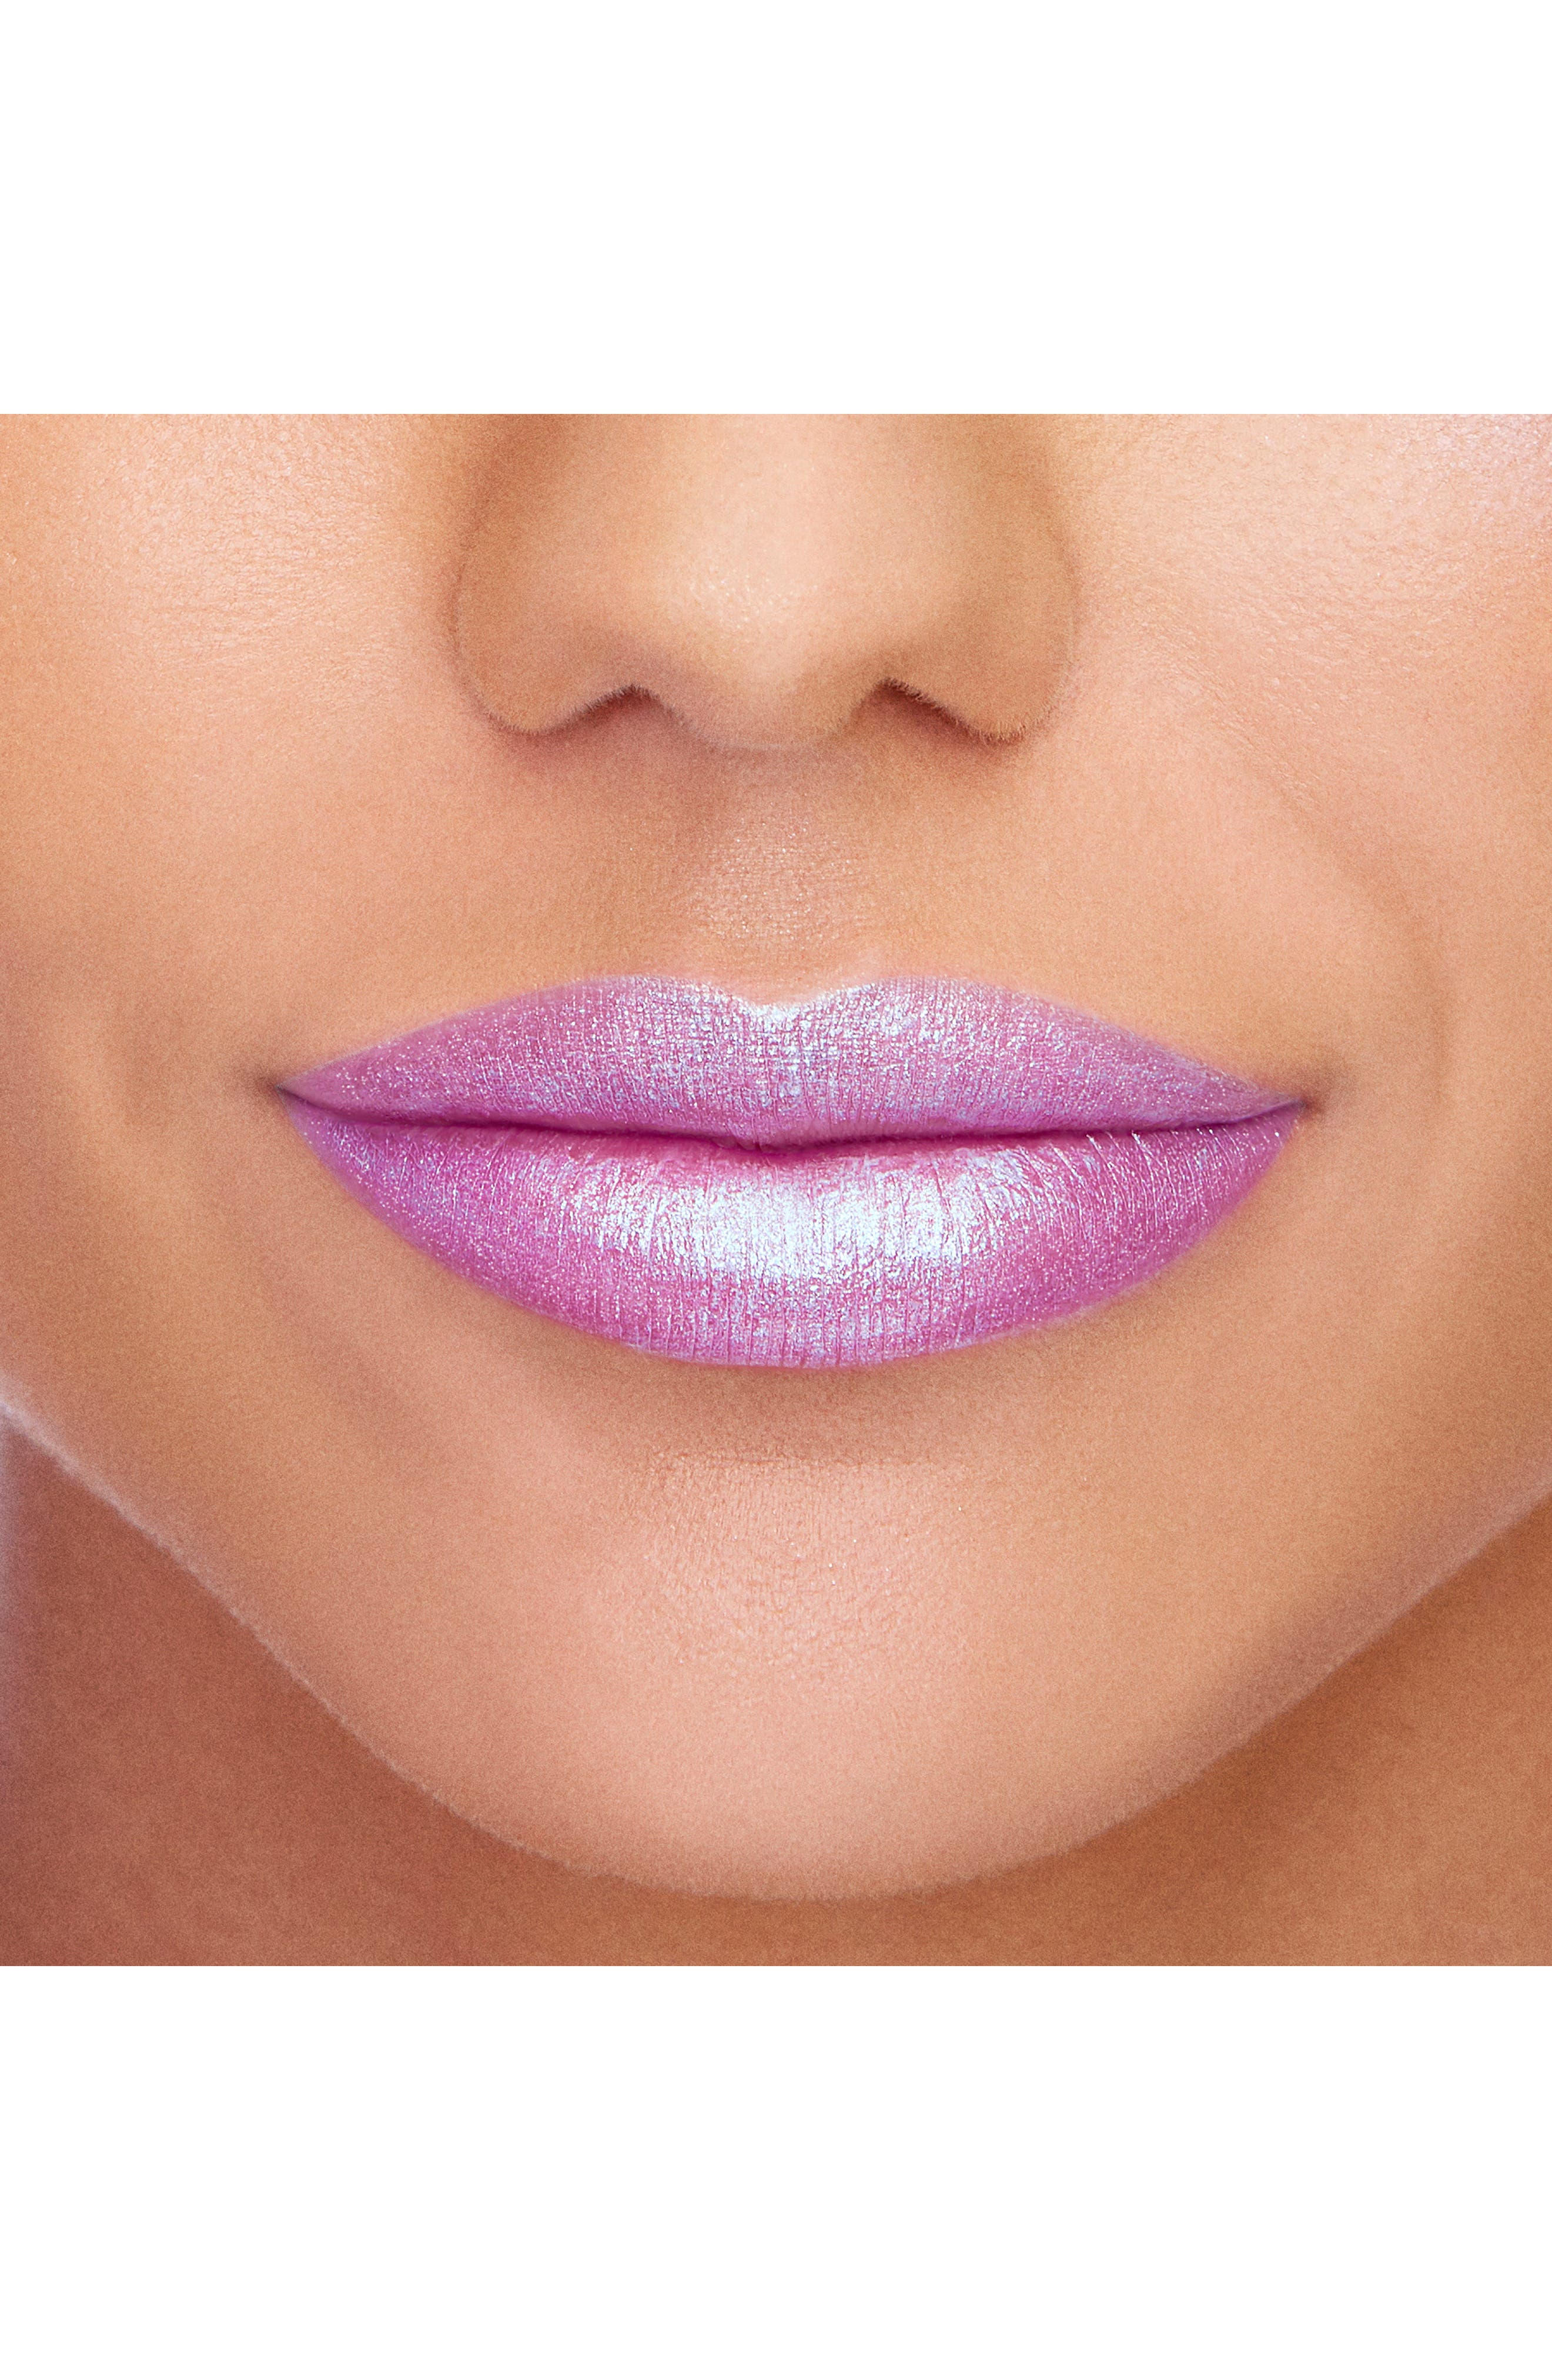 La Crème Mystical Effects Lipstick,                             Alternate thumbnail 4, color,                             Unicorn Tears